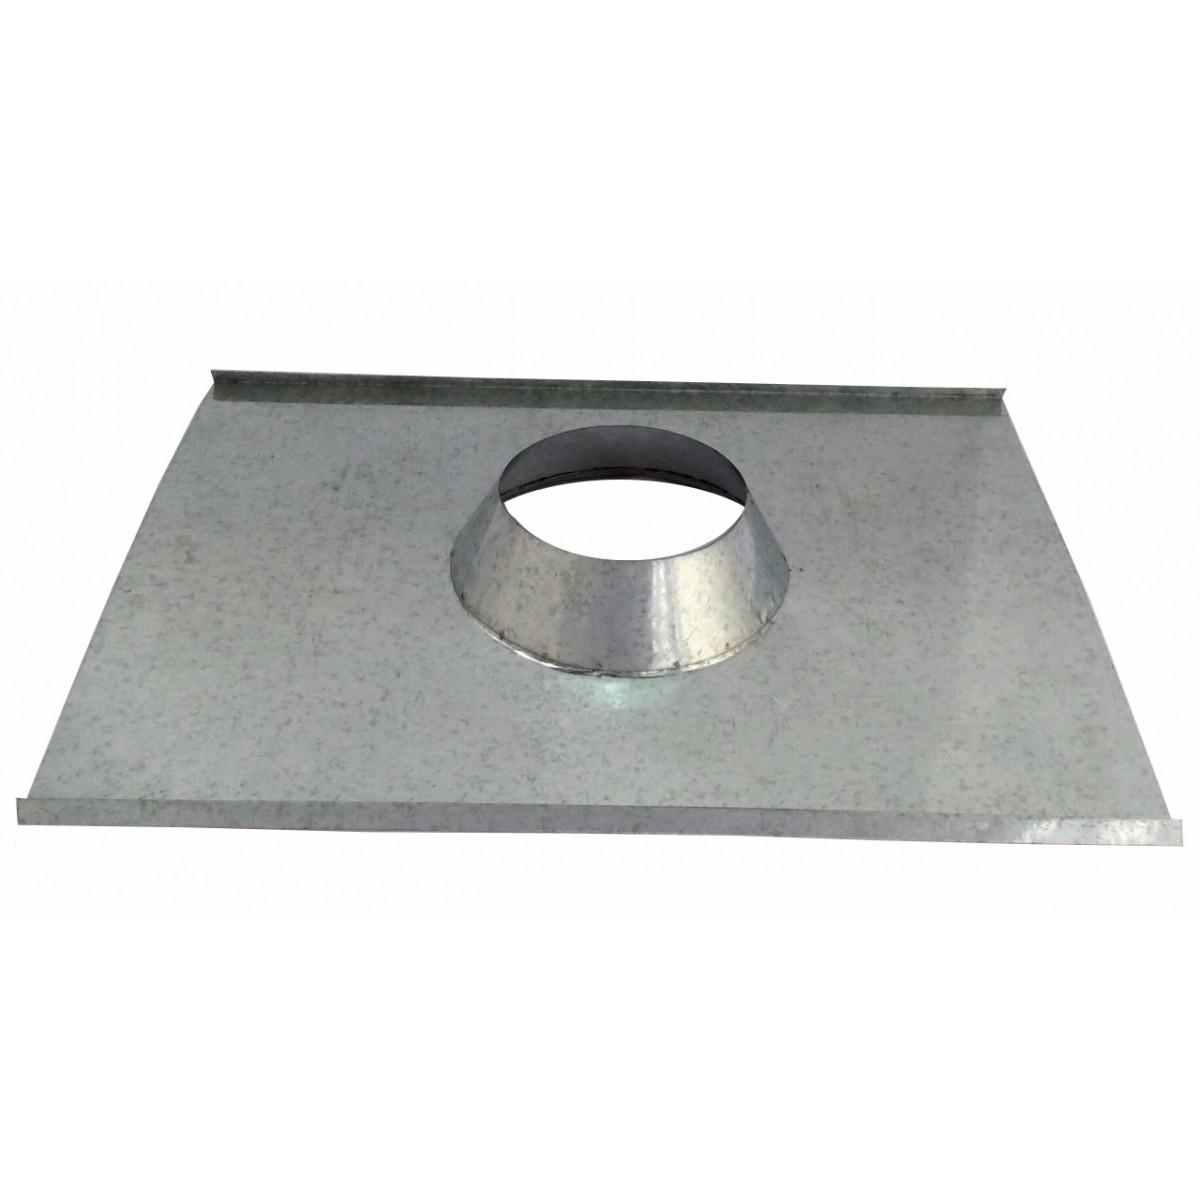 Rufo colarinho de telhado galvanizado para chaminé de 100 mm de diâmetro  - Galvocalhas